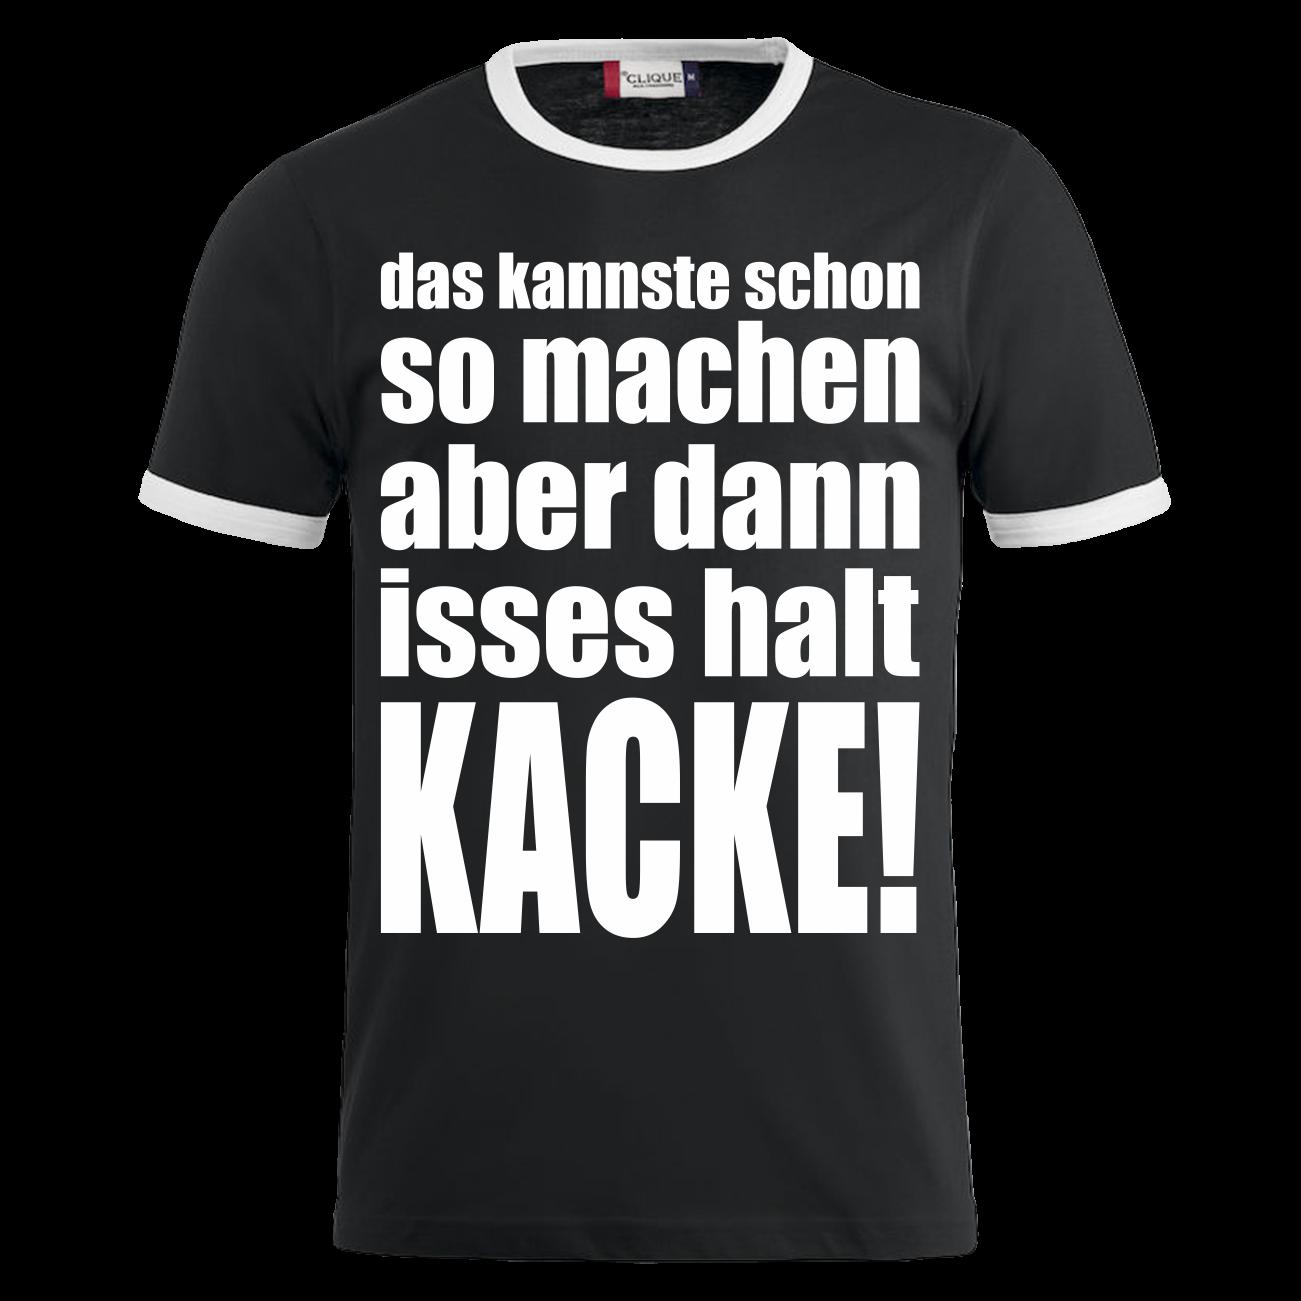 t-shirt dann isses halt kacke! s - 10xl spruch sprüche witzig